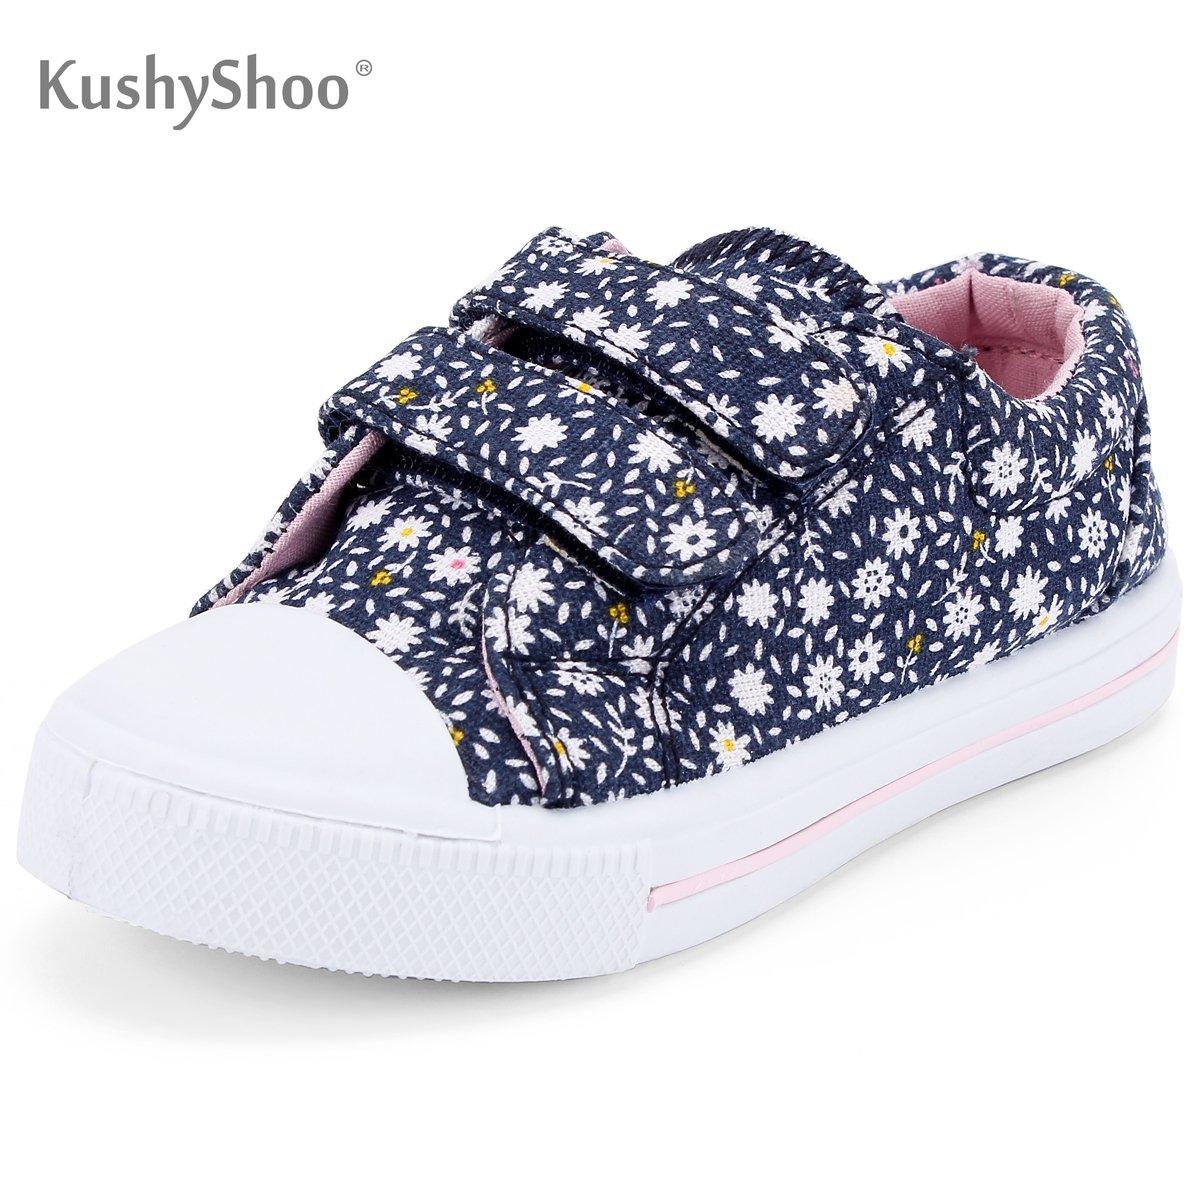 Kushyshoo crianças sapatos de lona para a menina crianças sapatos flores tênis 2019 menino da marinha crianças menino lona tenis infantil Tênis     - title=